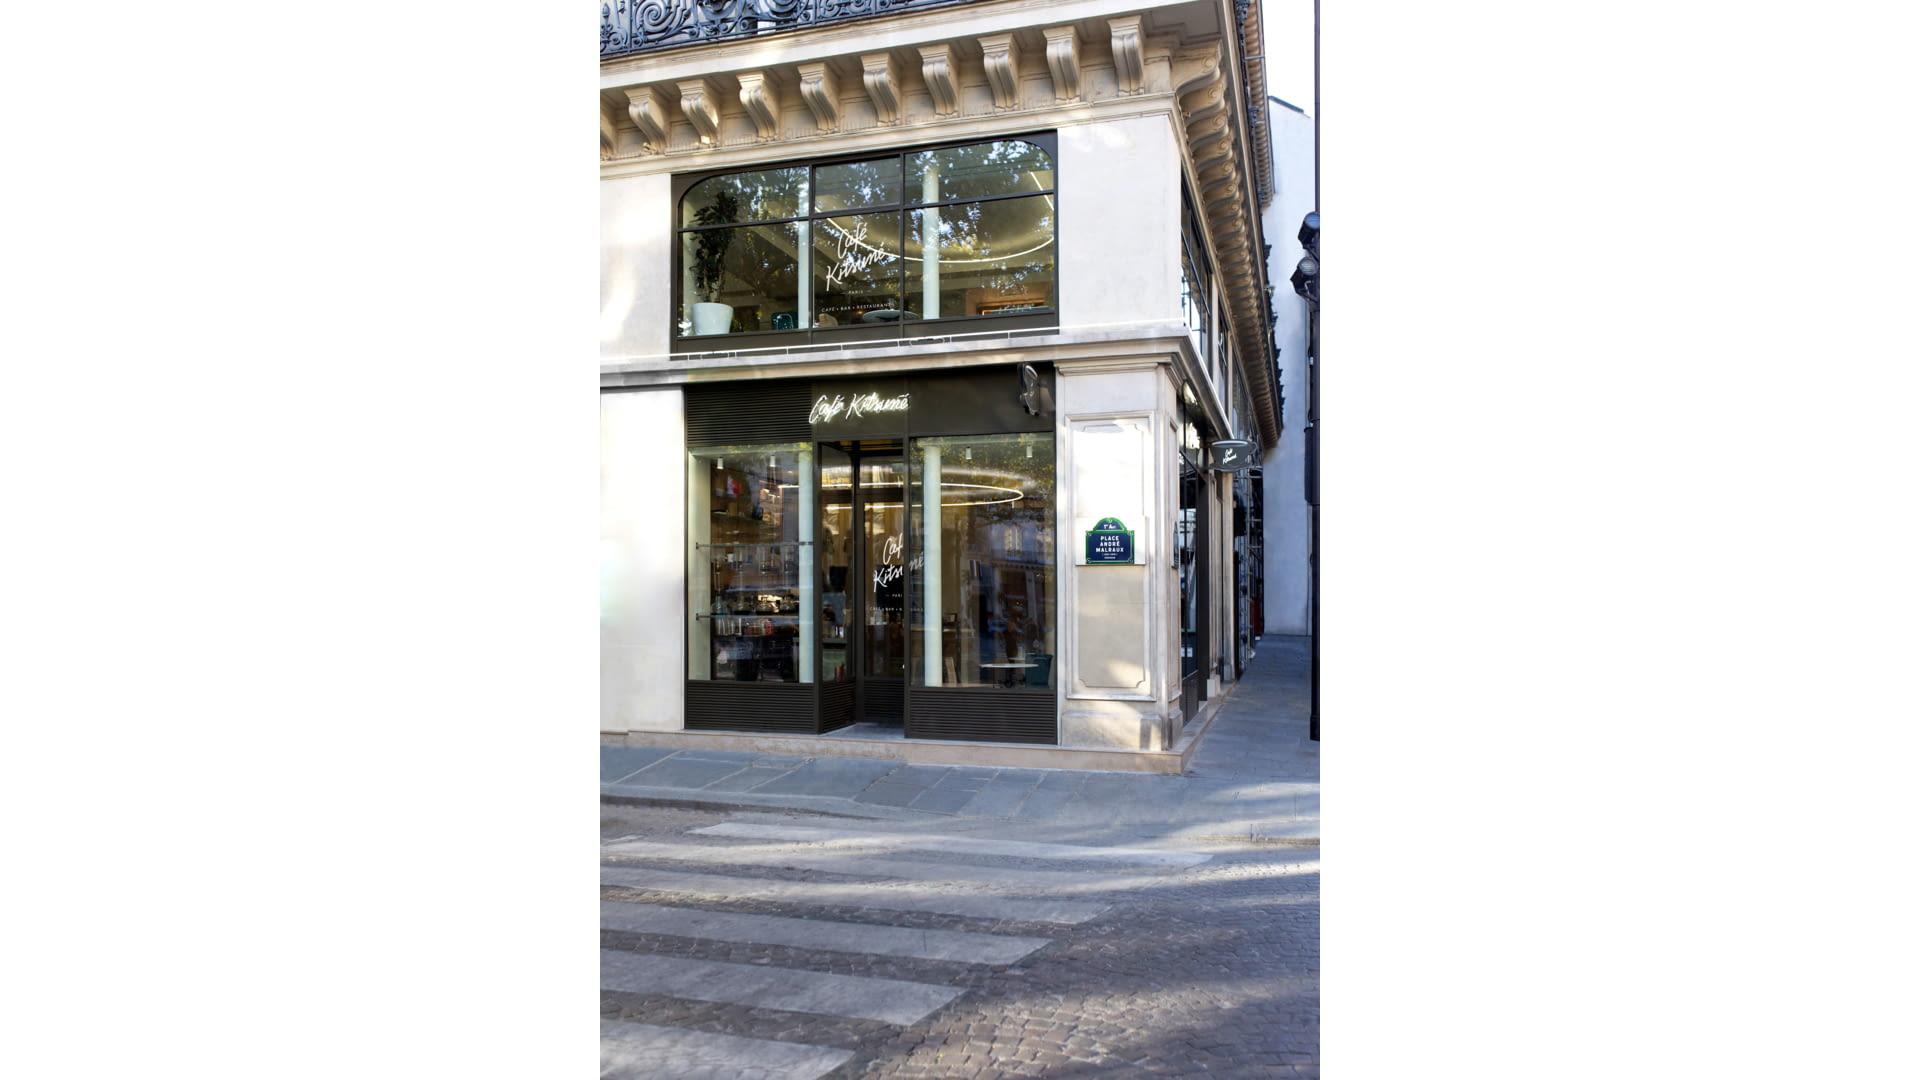 CAFÉ KITSUNÉ LOUVRE 2 place André Malraux, 75001 Paris Opening on Monday September 23, 2019